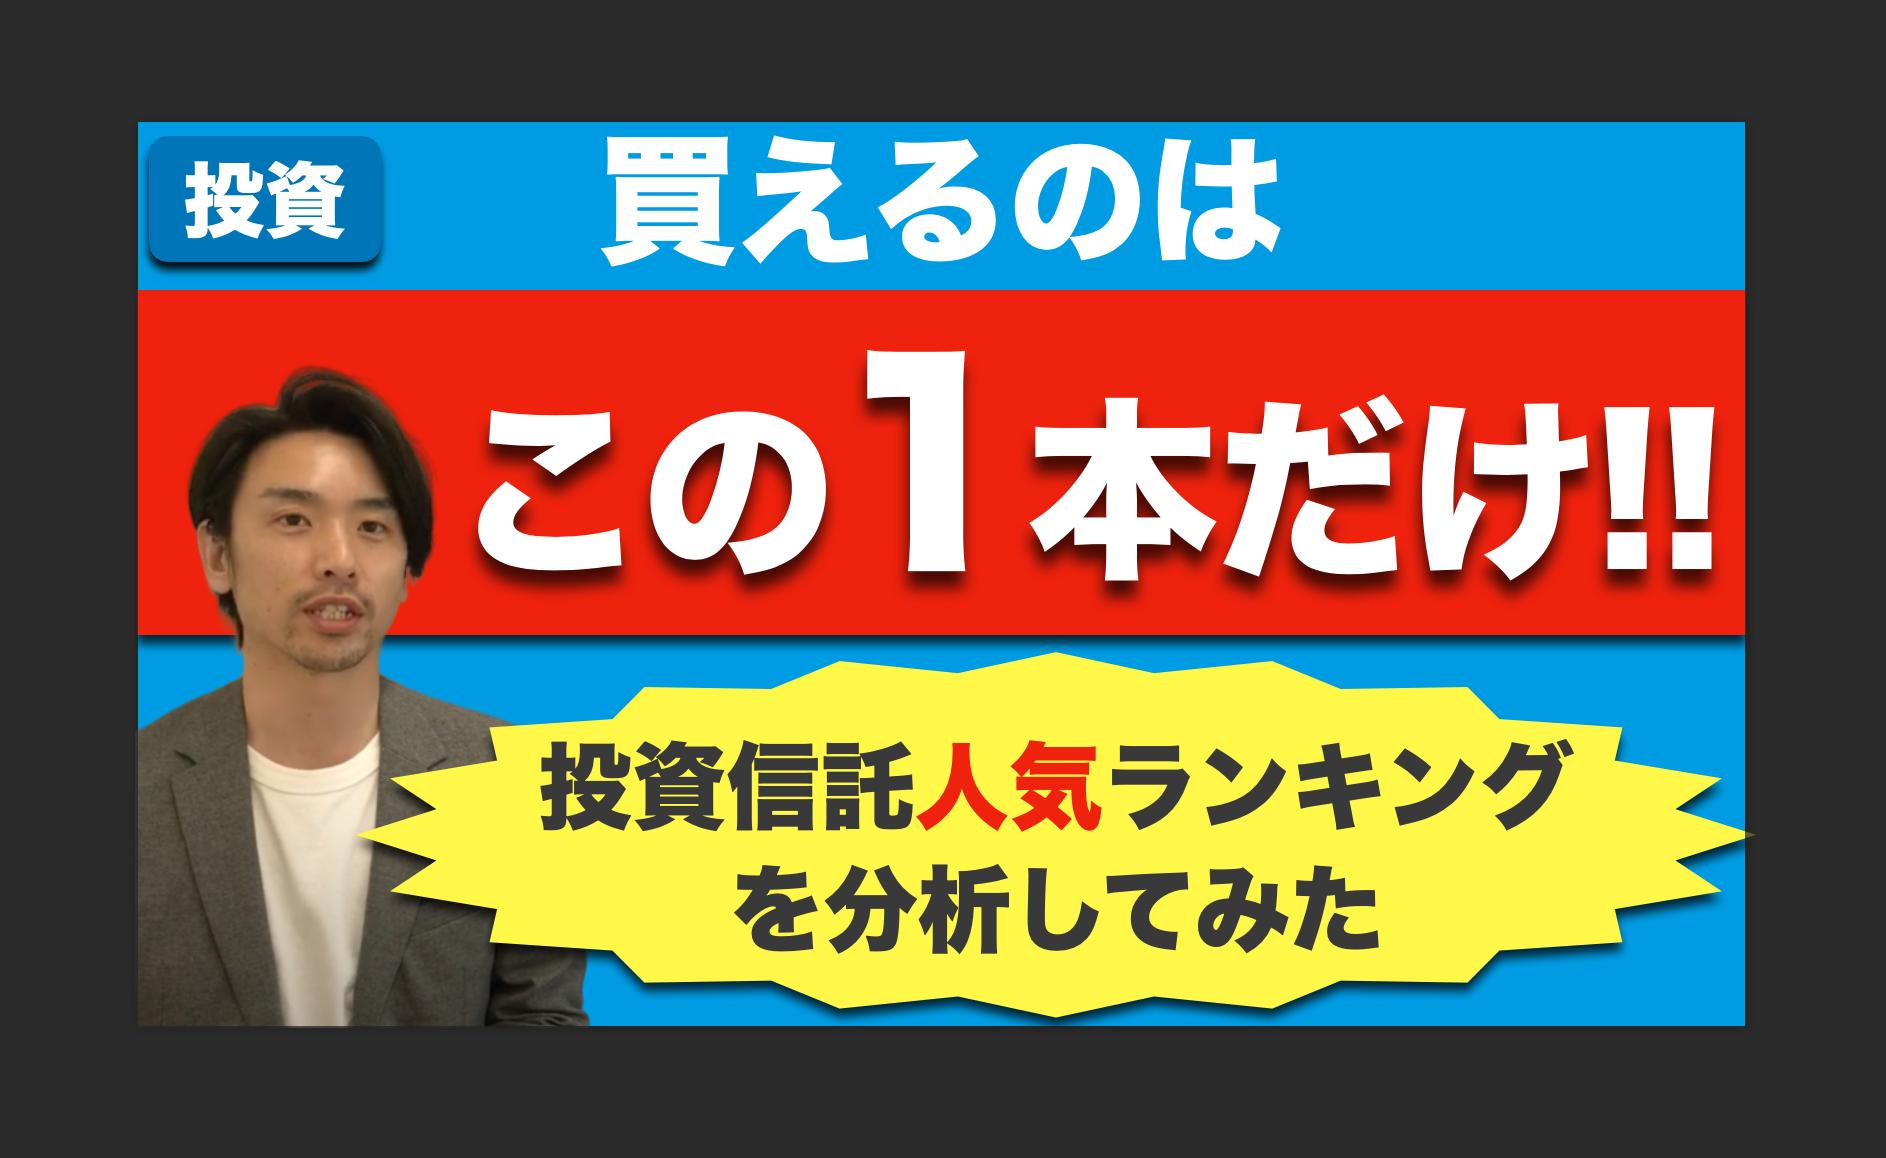 【投資信託】日本で最も売れているトップ10を分析 〜本当に買いたいのは1つだけ!?〜